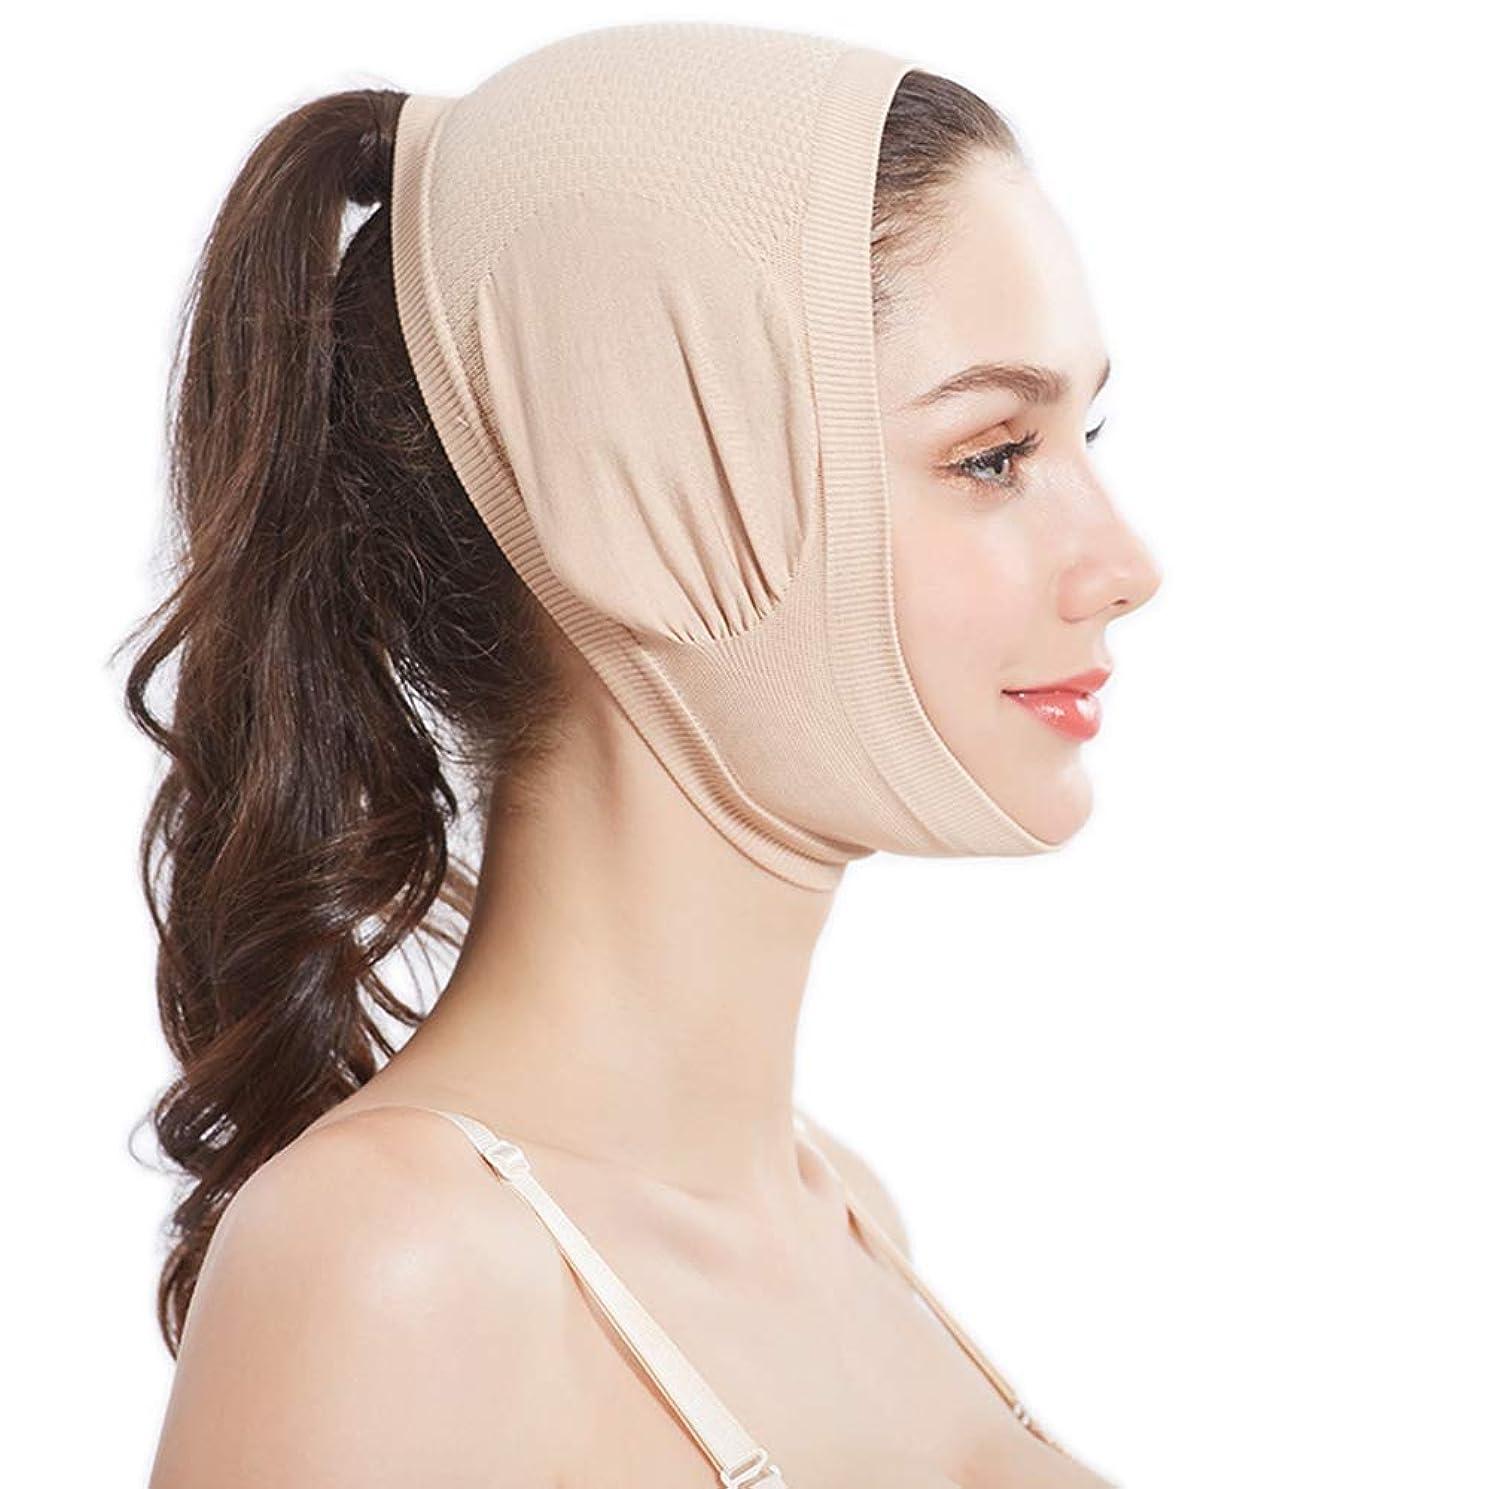 スタック判定最初に痩身チークマスク、抗ストレスウェルネスマスク、スリム顔、滑らかな通気性の圧縮あご細いストラップ V フェースラインリフトアップベルトバンド,Flesh